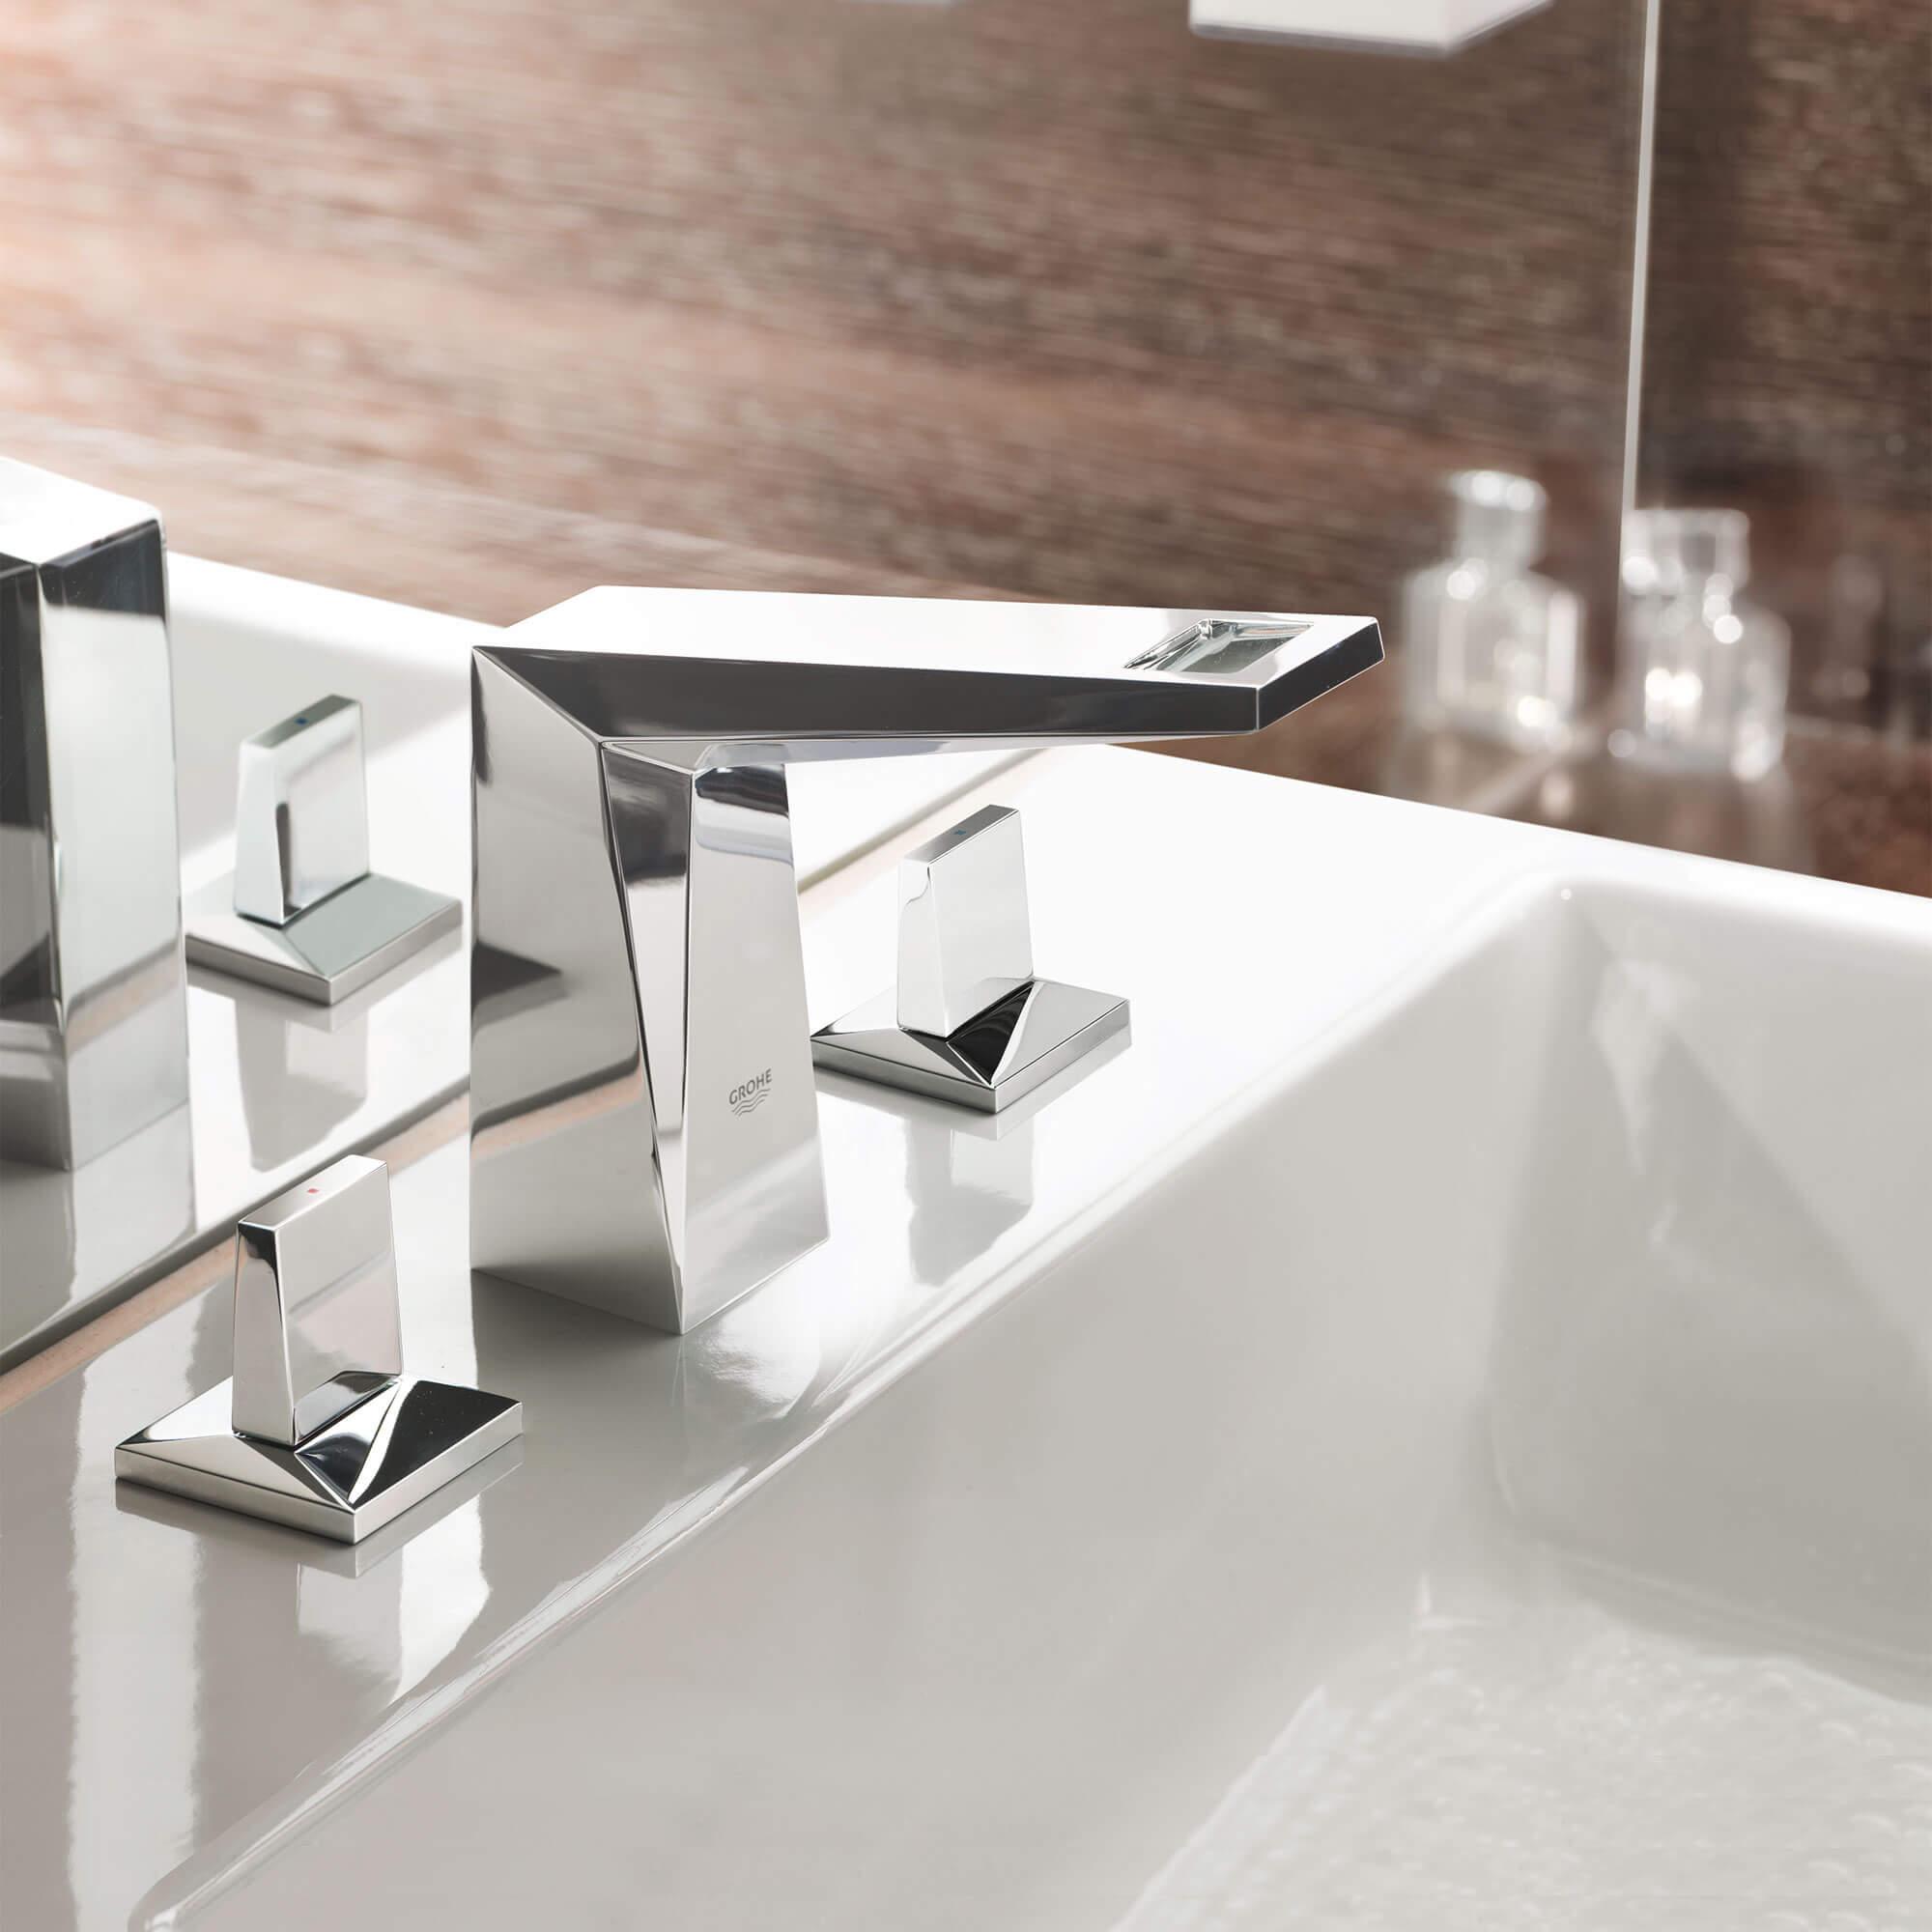 Allure Brilliant Tub Faucet